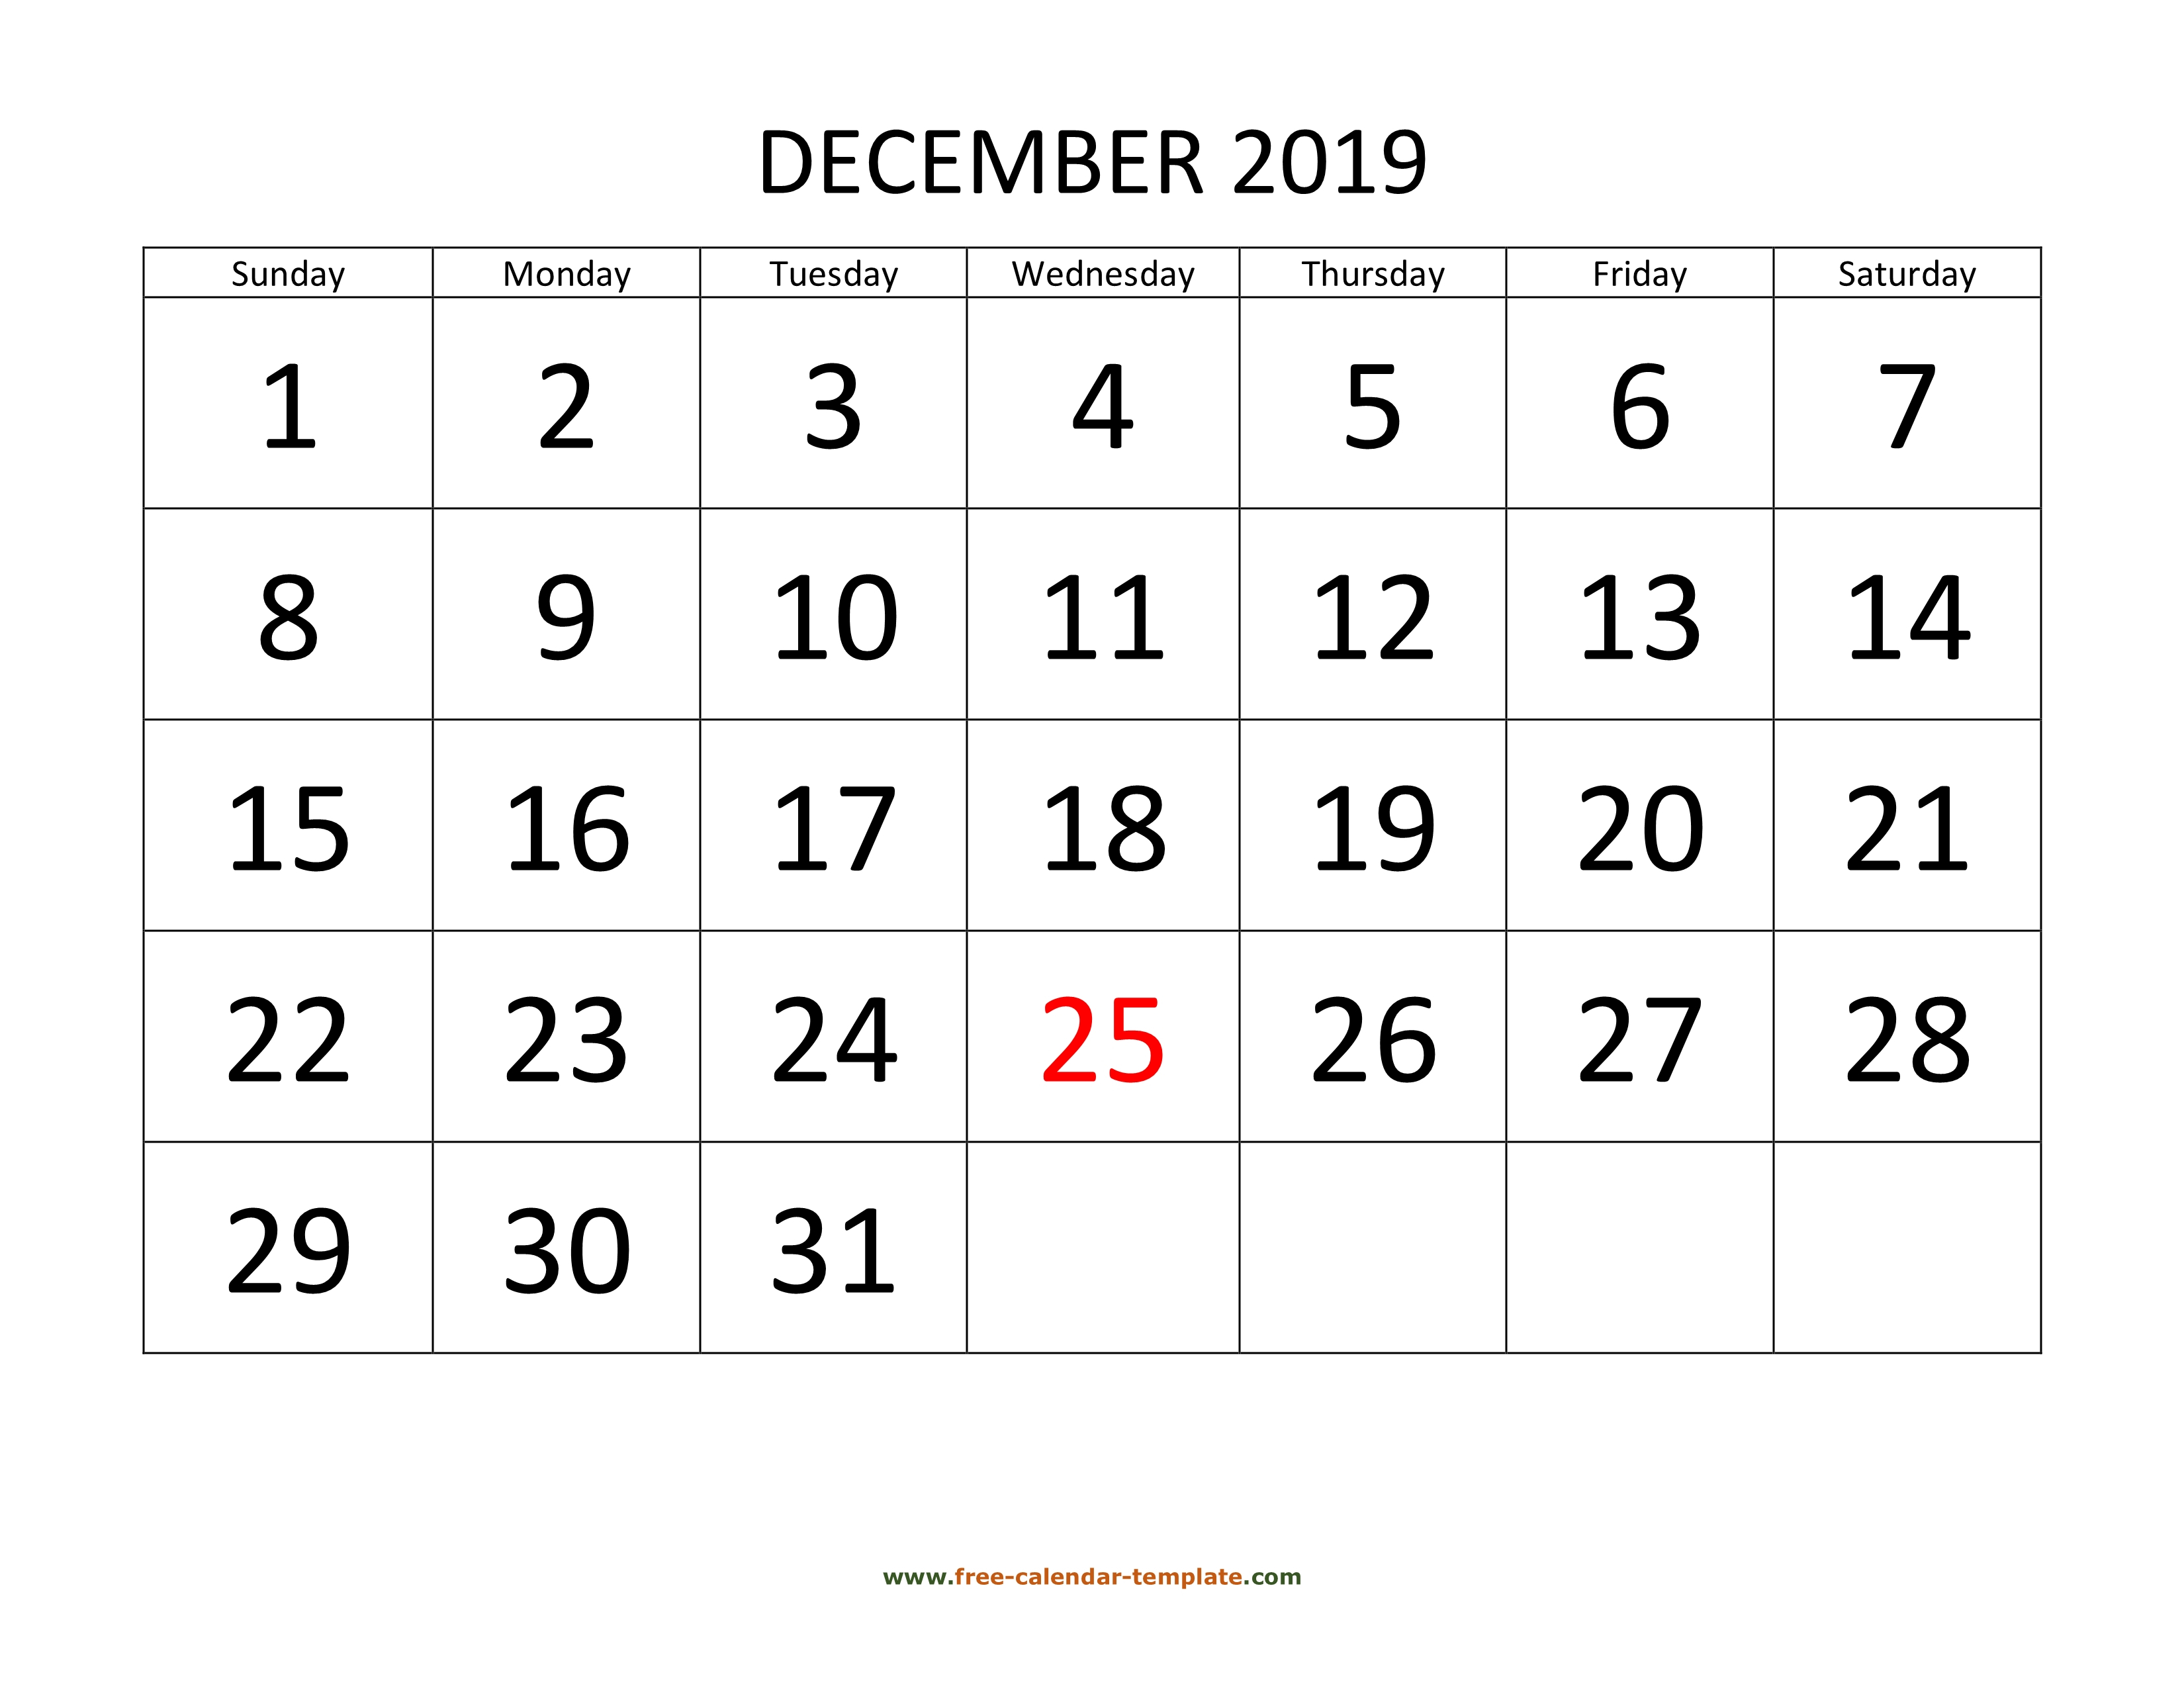 December 2019 Free Calendar Tempplate | Free-Calendar